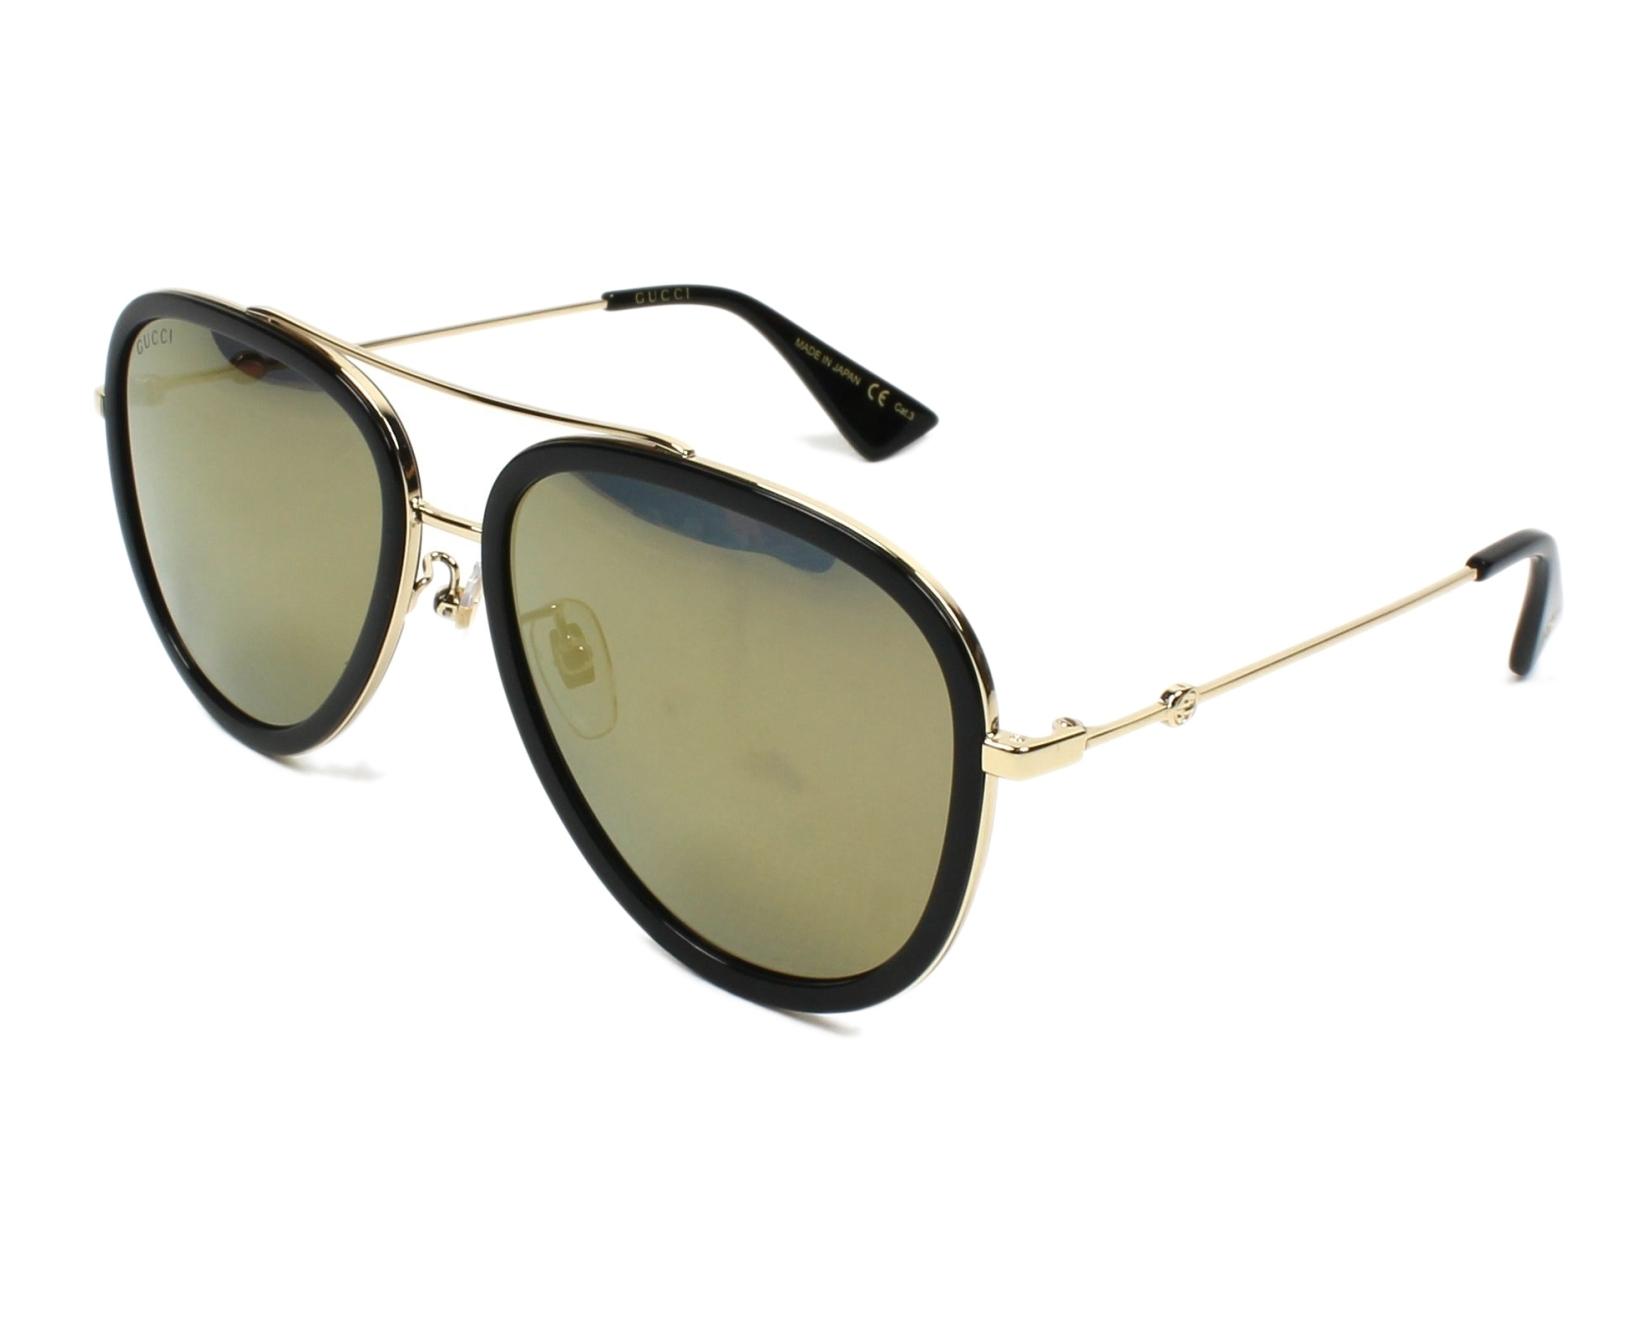 e2b1c1b711d Gafas de sol Gucci GG-0062-S 001 - Negra Oro vista de perfil